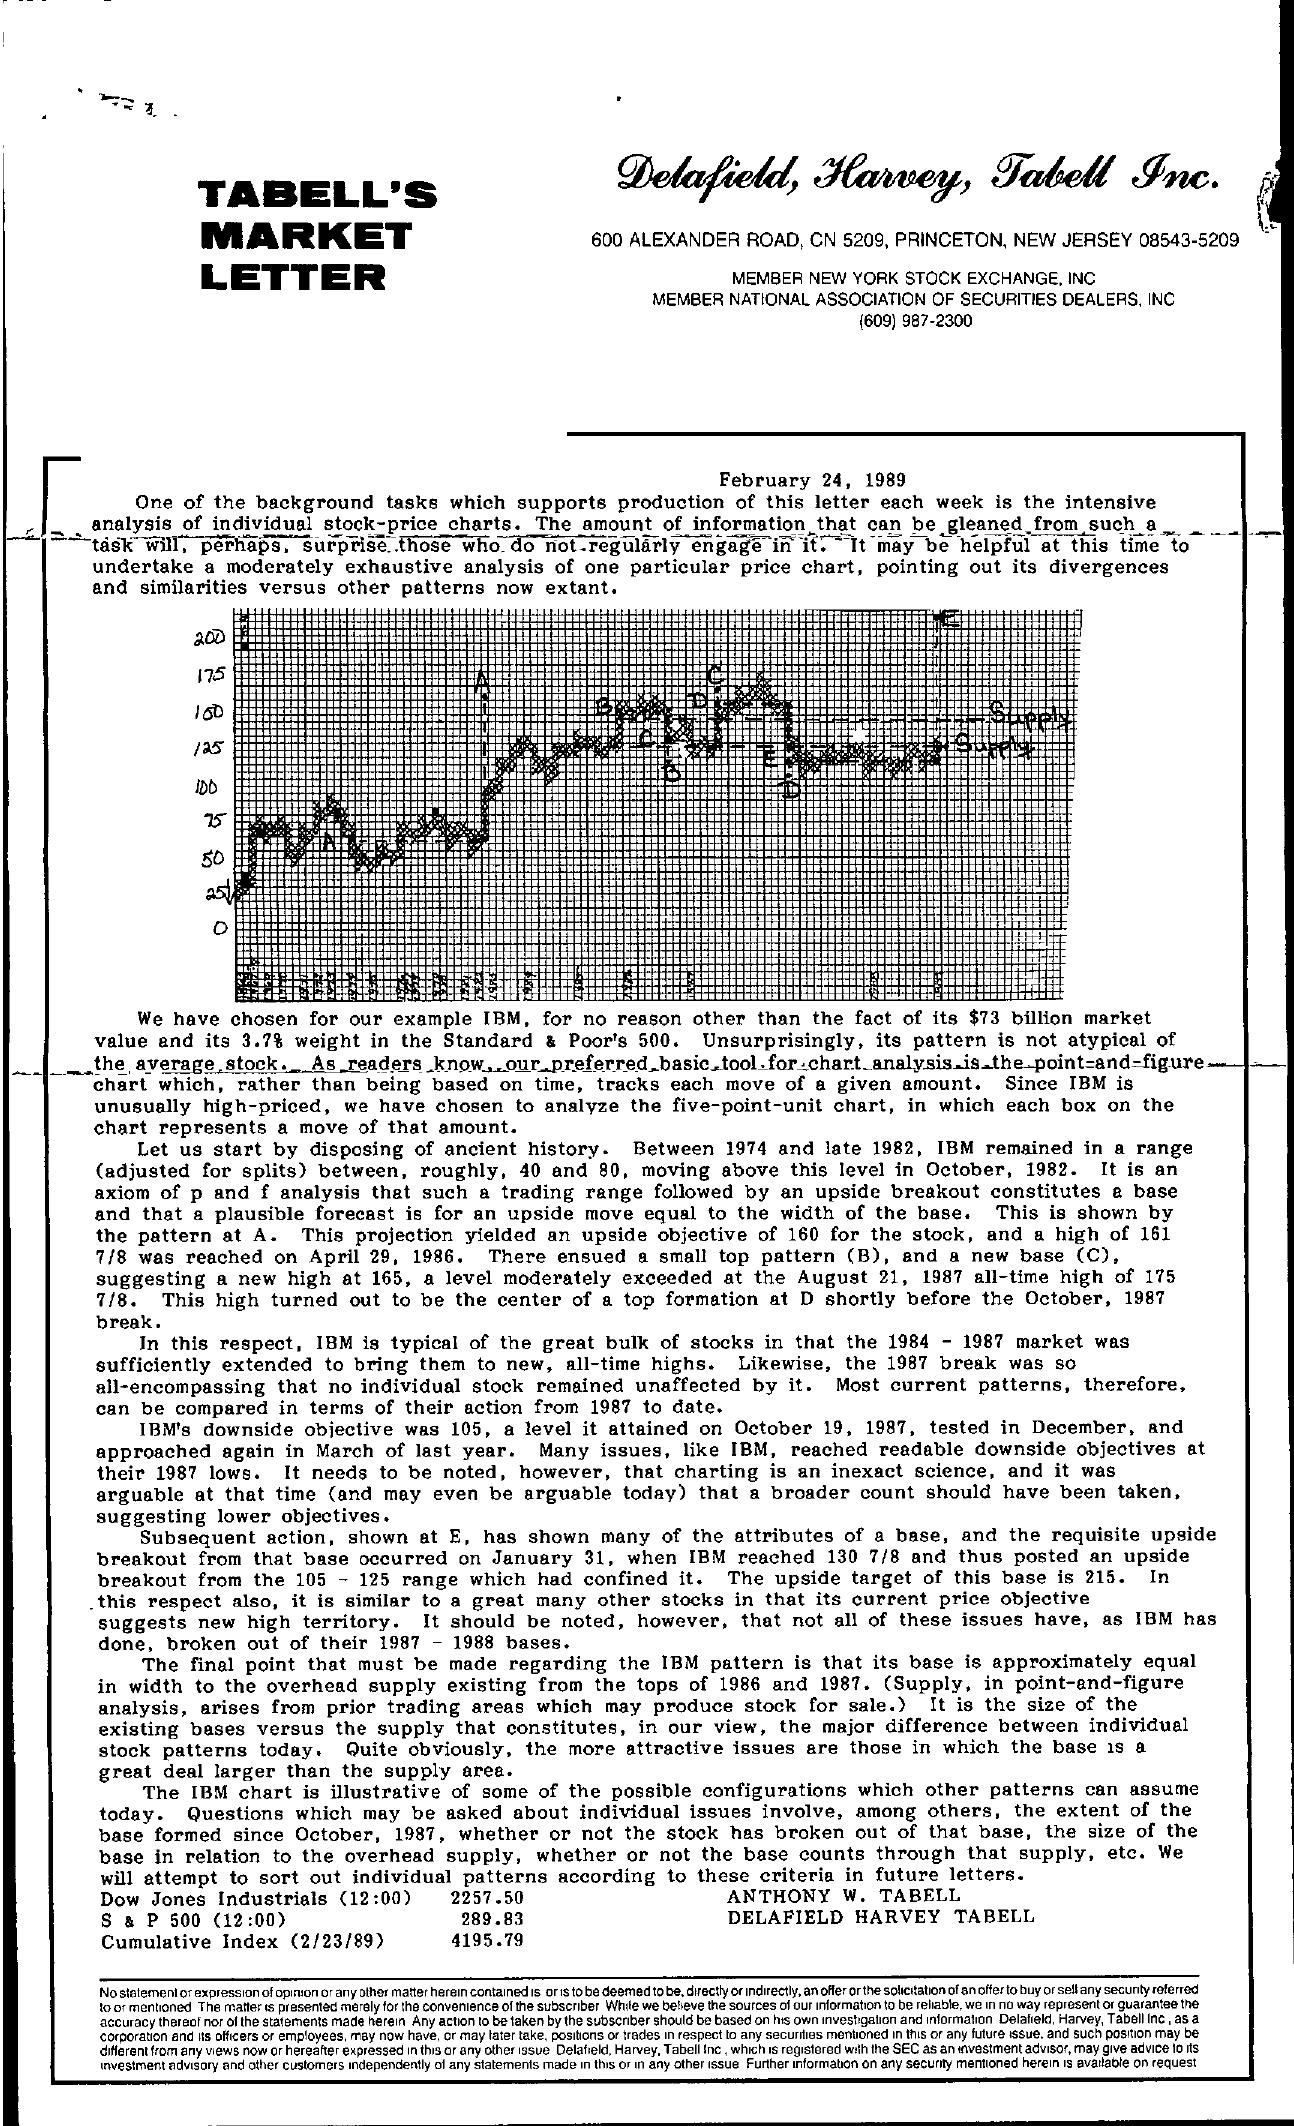 Tabell's Market Letter - February 24, 1989